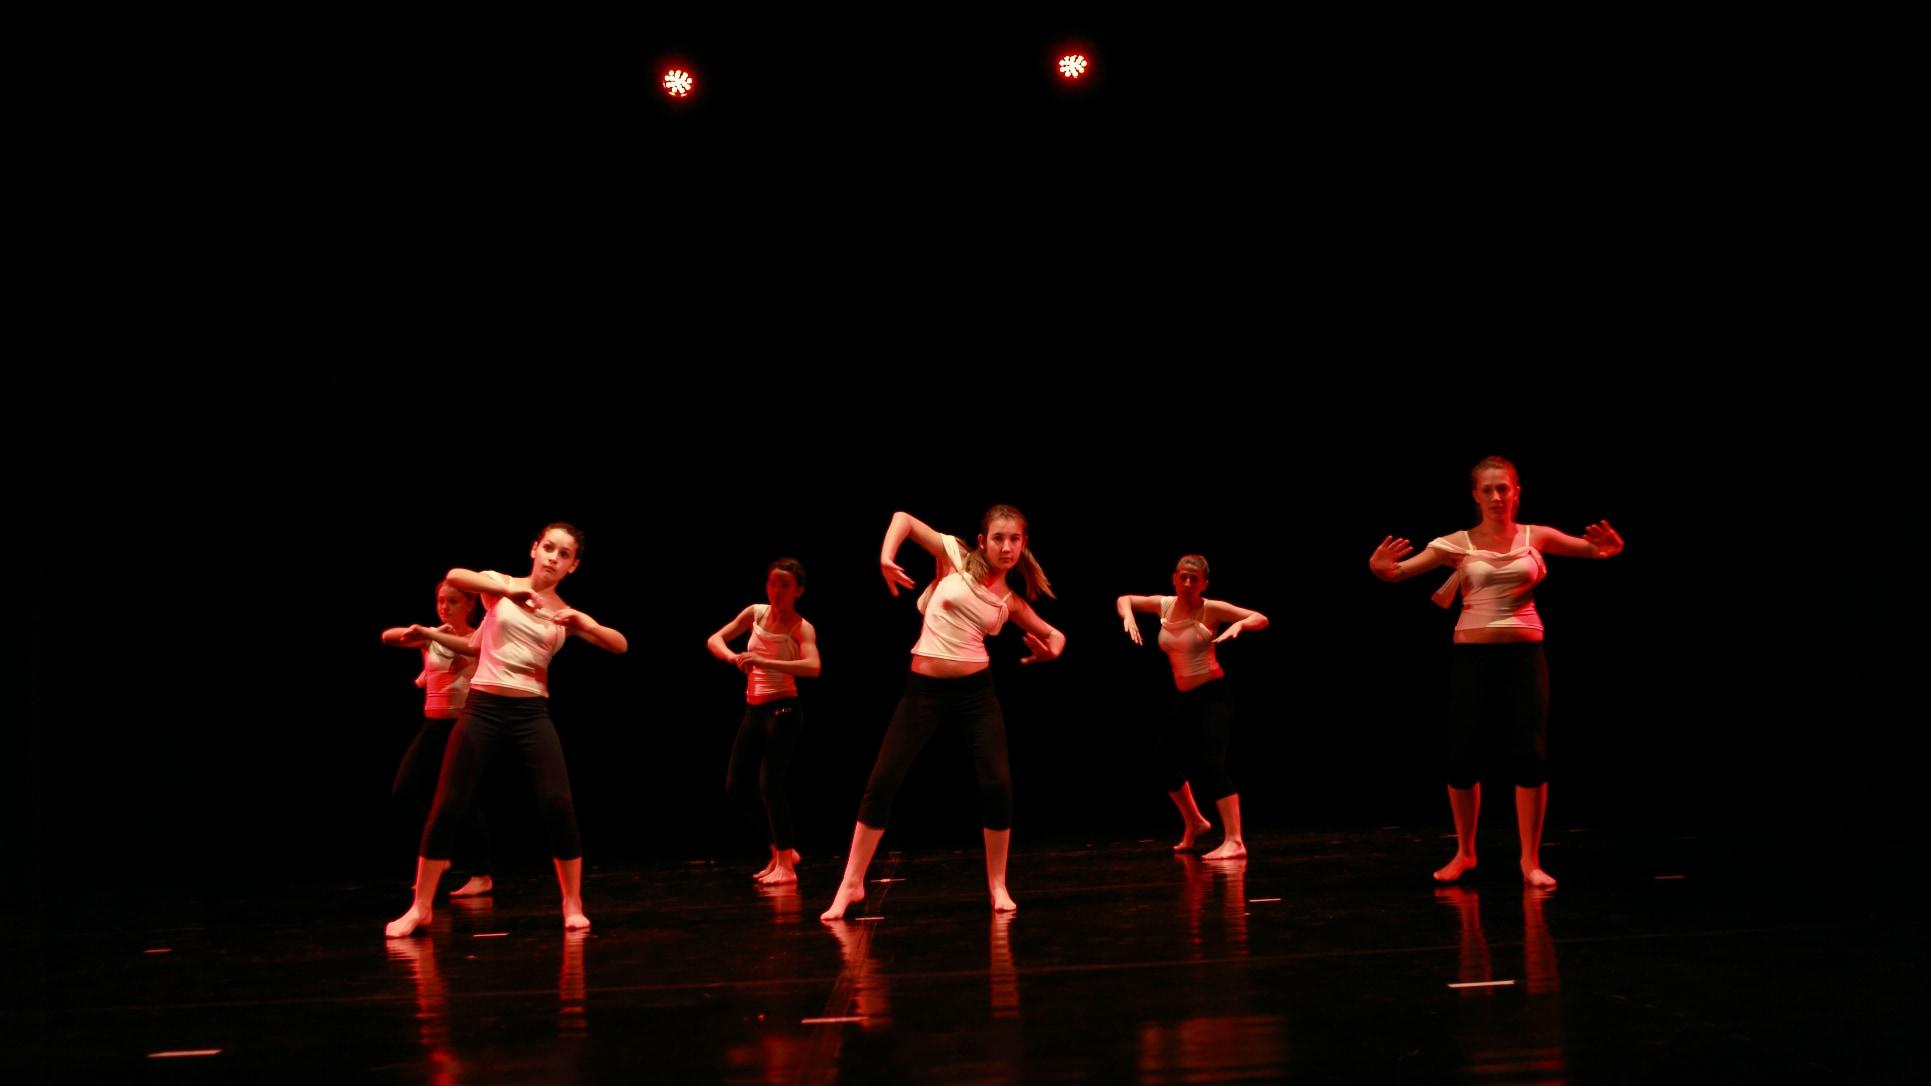 venti-in-danza-4@0.5x